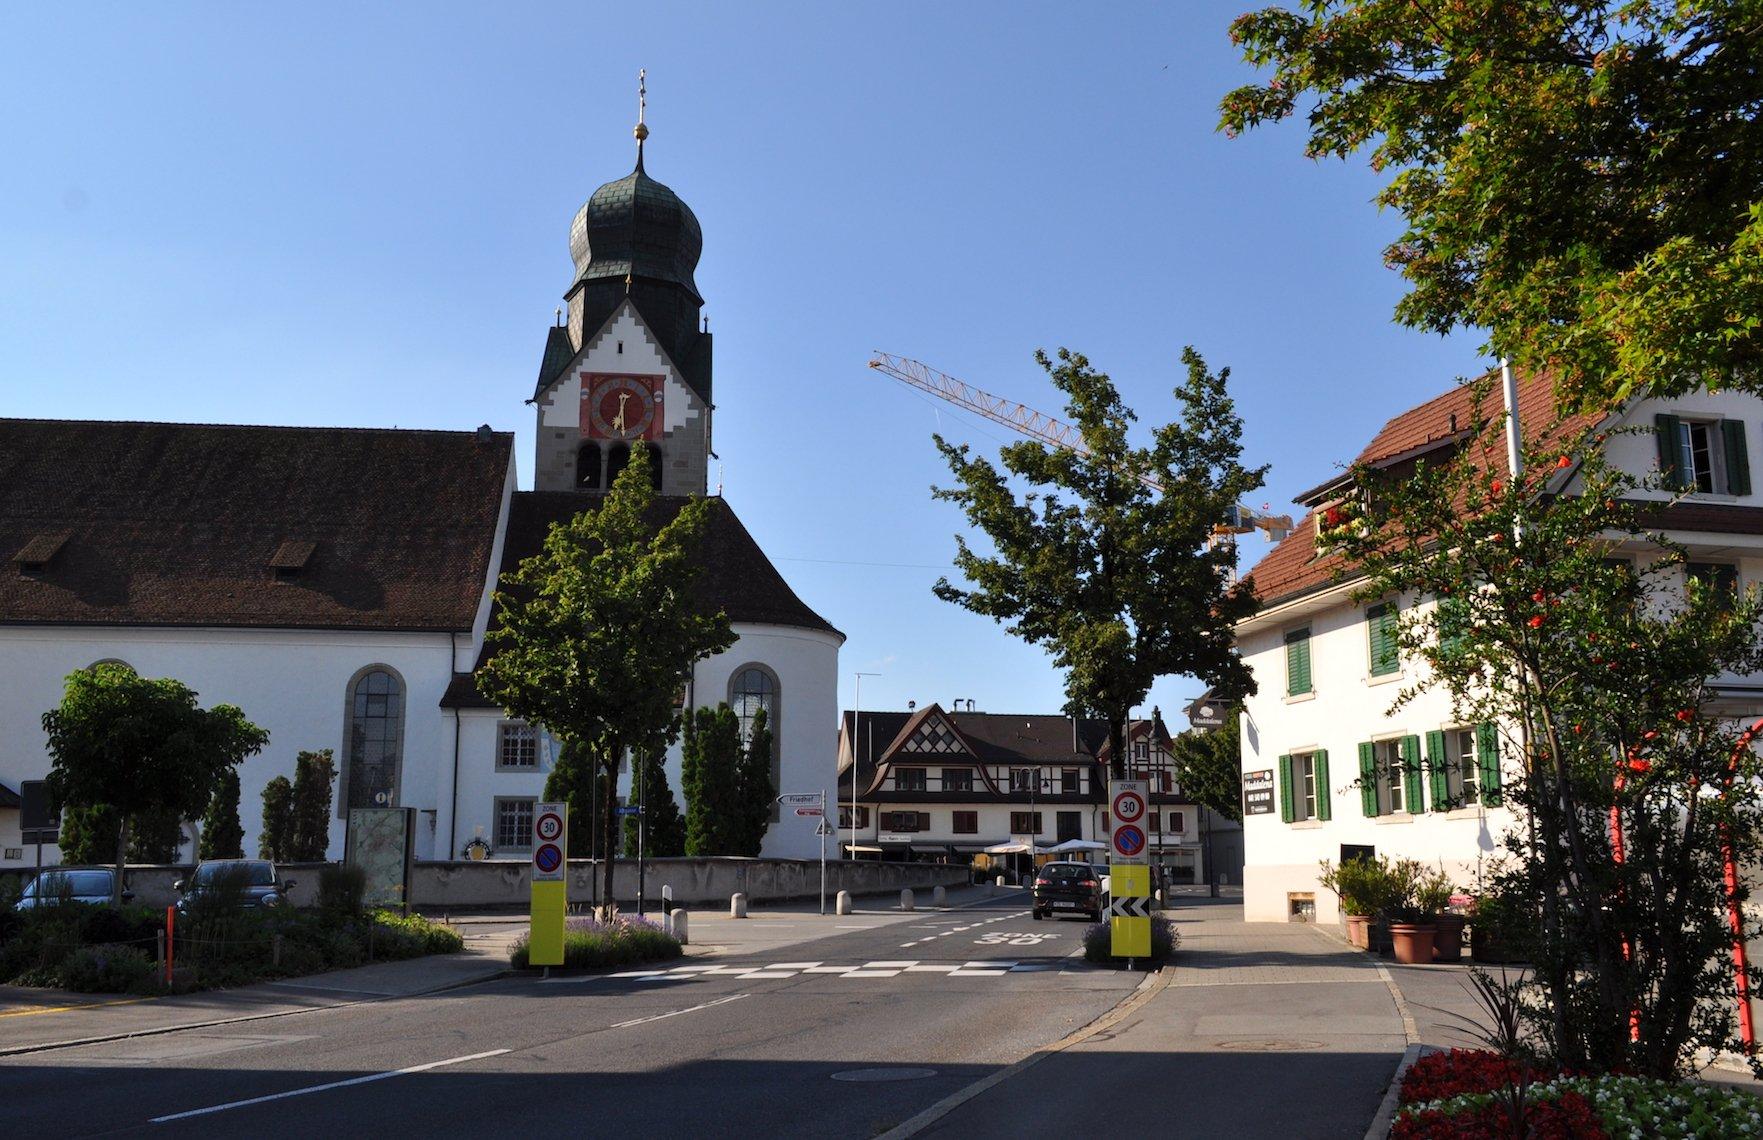 Dorfeingang bei der St. Martinskirche.